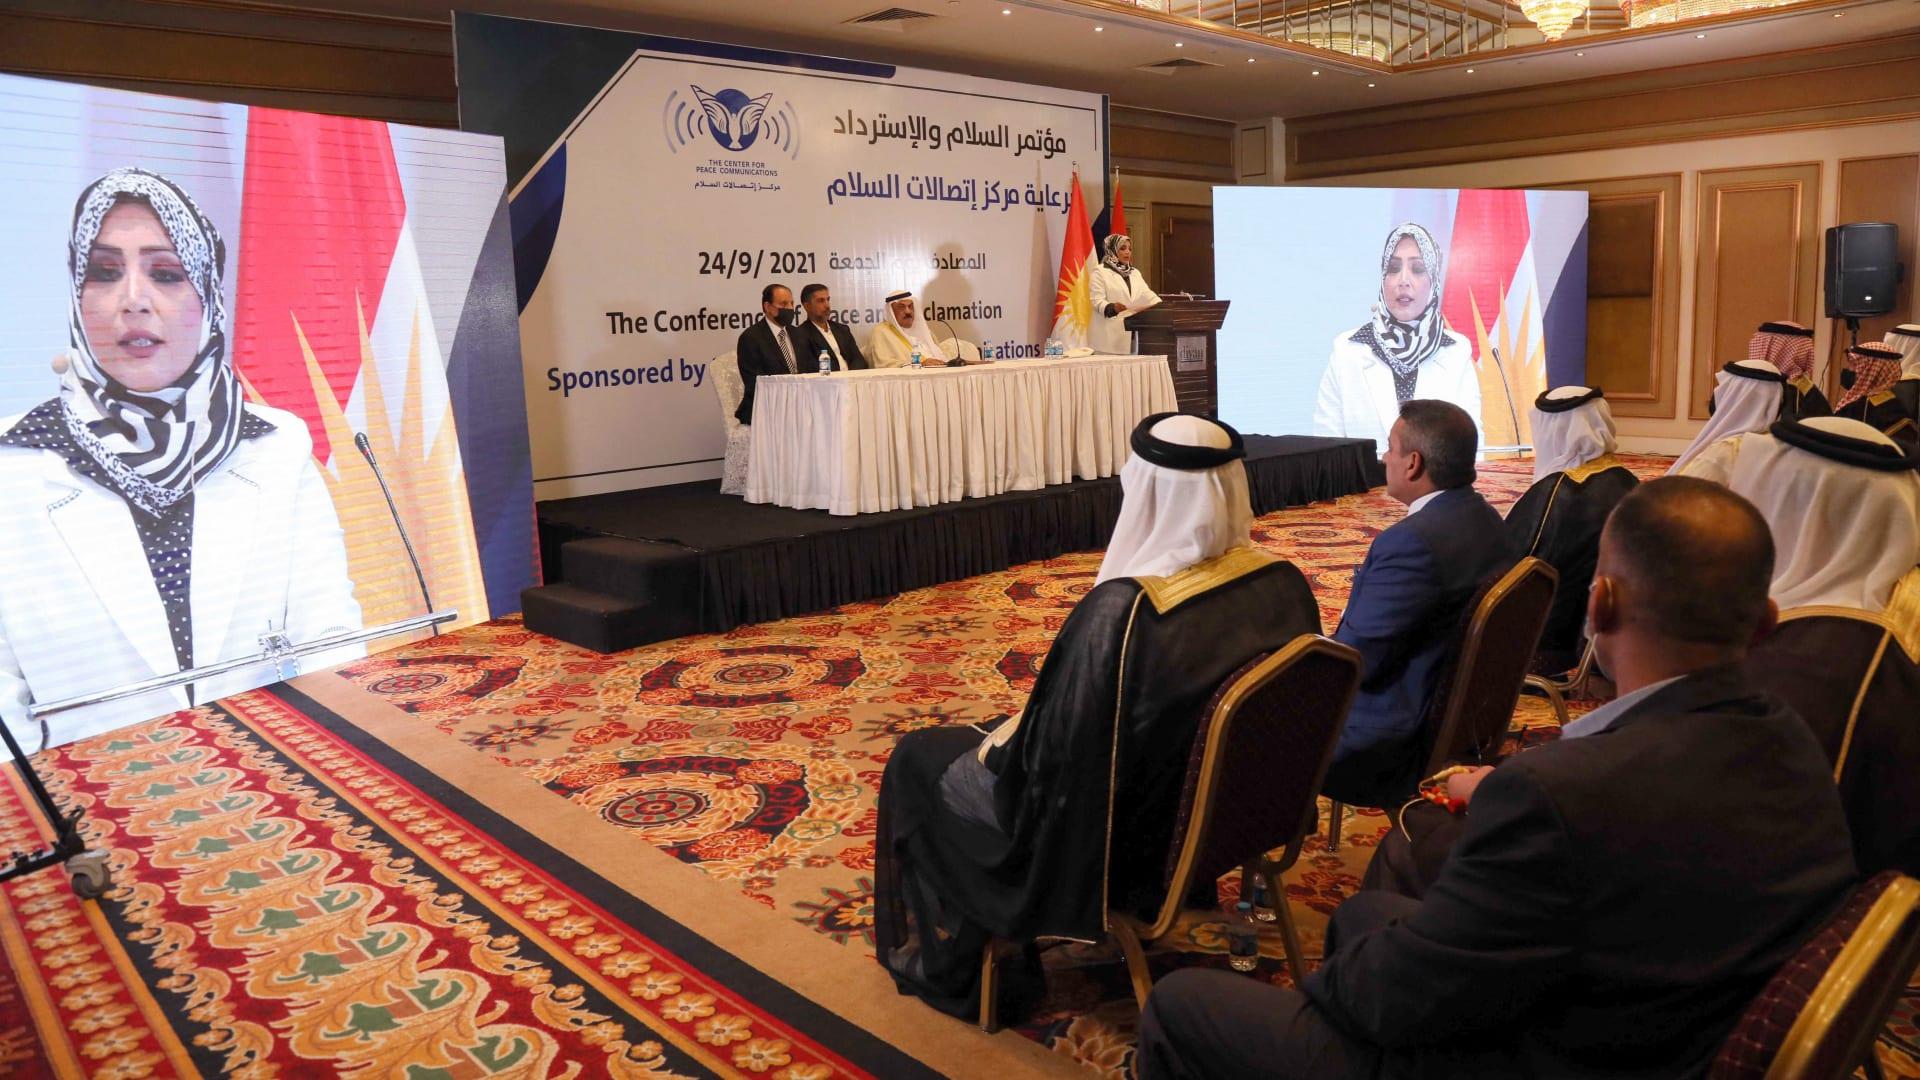 """الحكومة العراقية تؤكد رفضها التطبيع بعد """"اجتماع غير قانوي"""" في أربيل.. وإسرائيل تصفه بـ""""حدث يبعث بالأمل"""""""